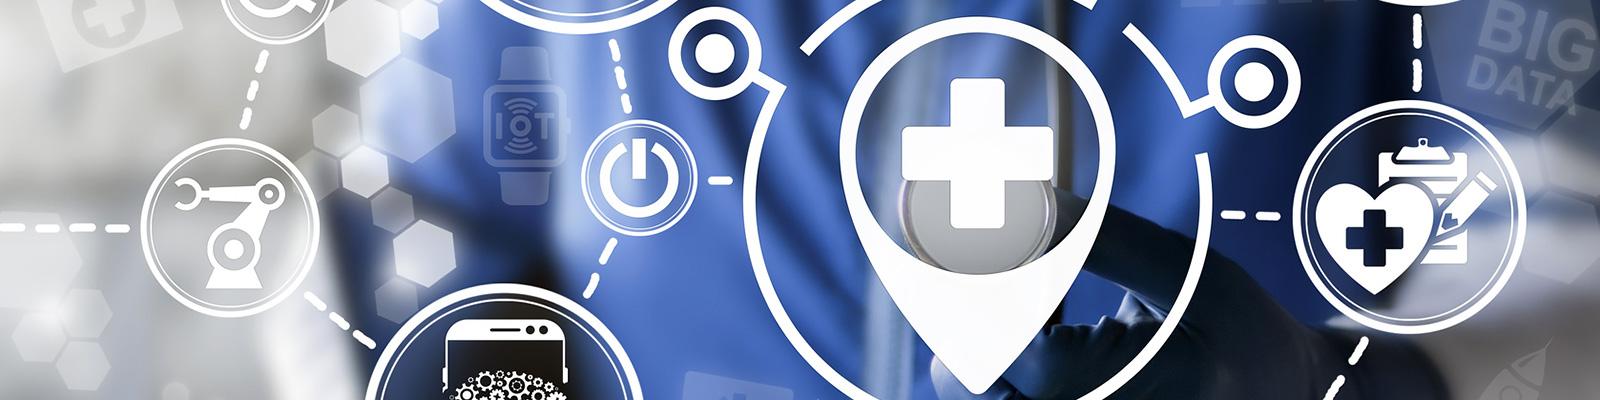 医療 IoT イメージ